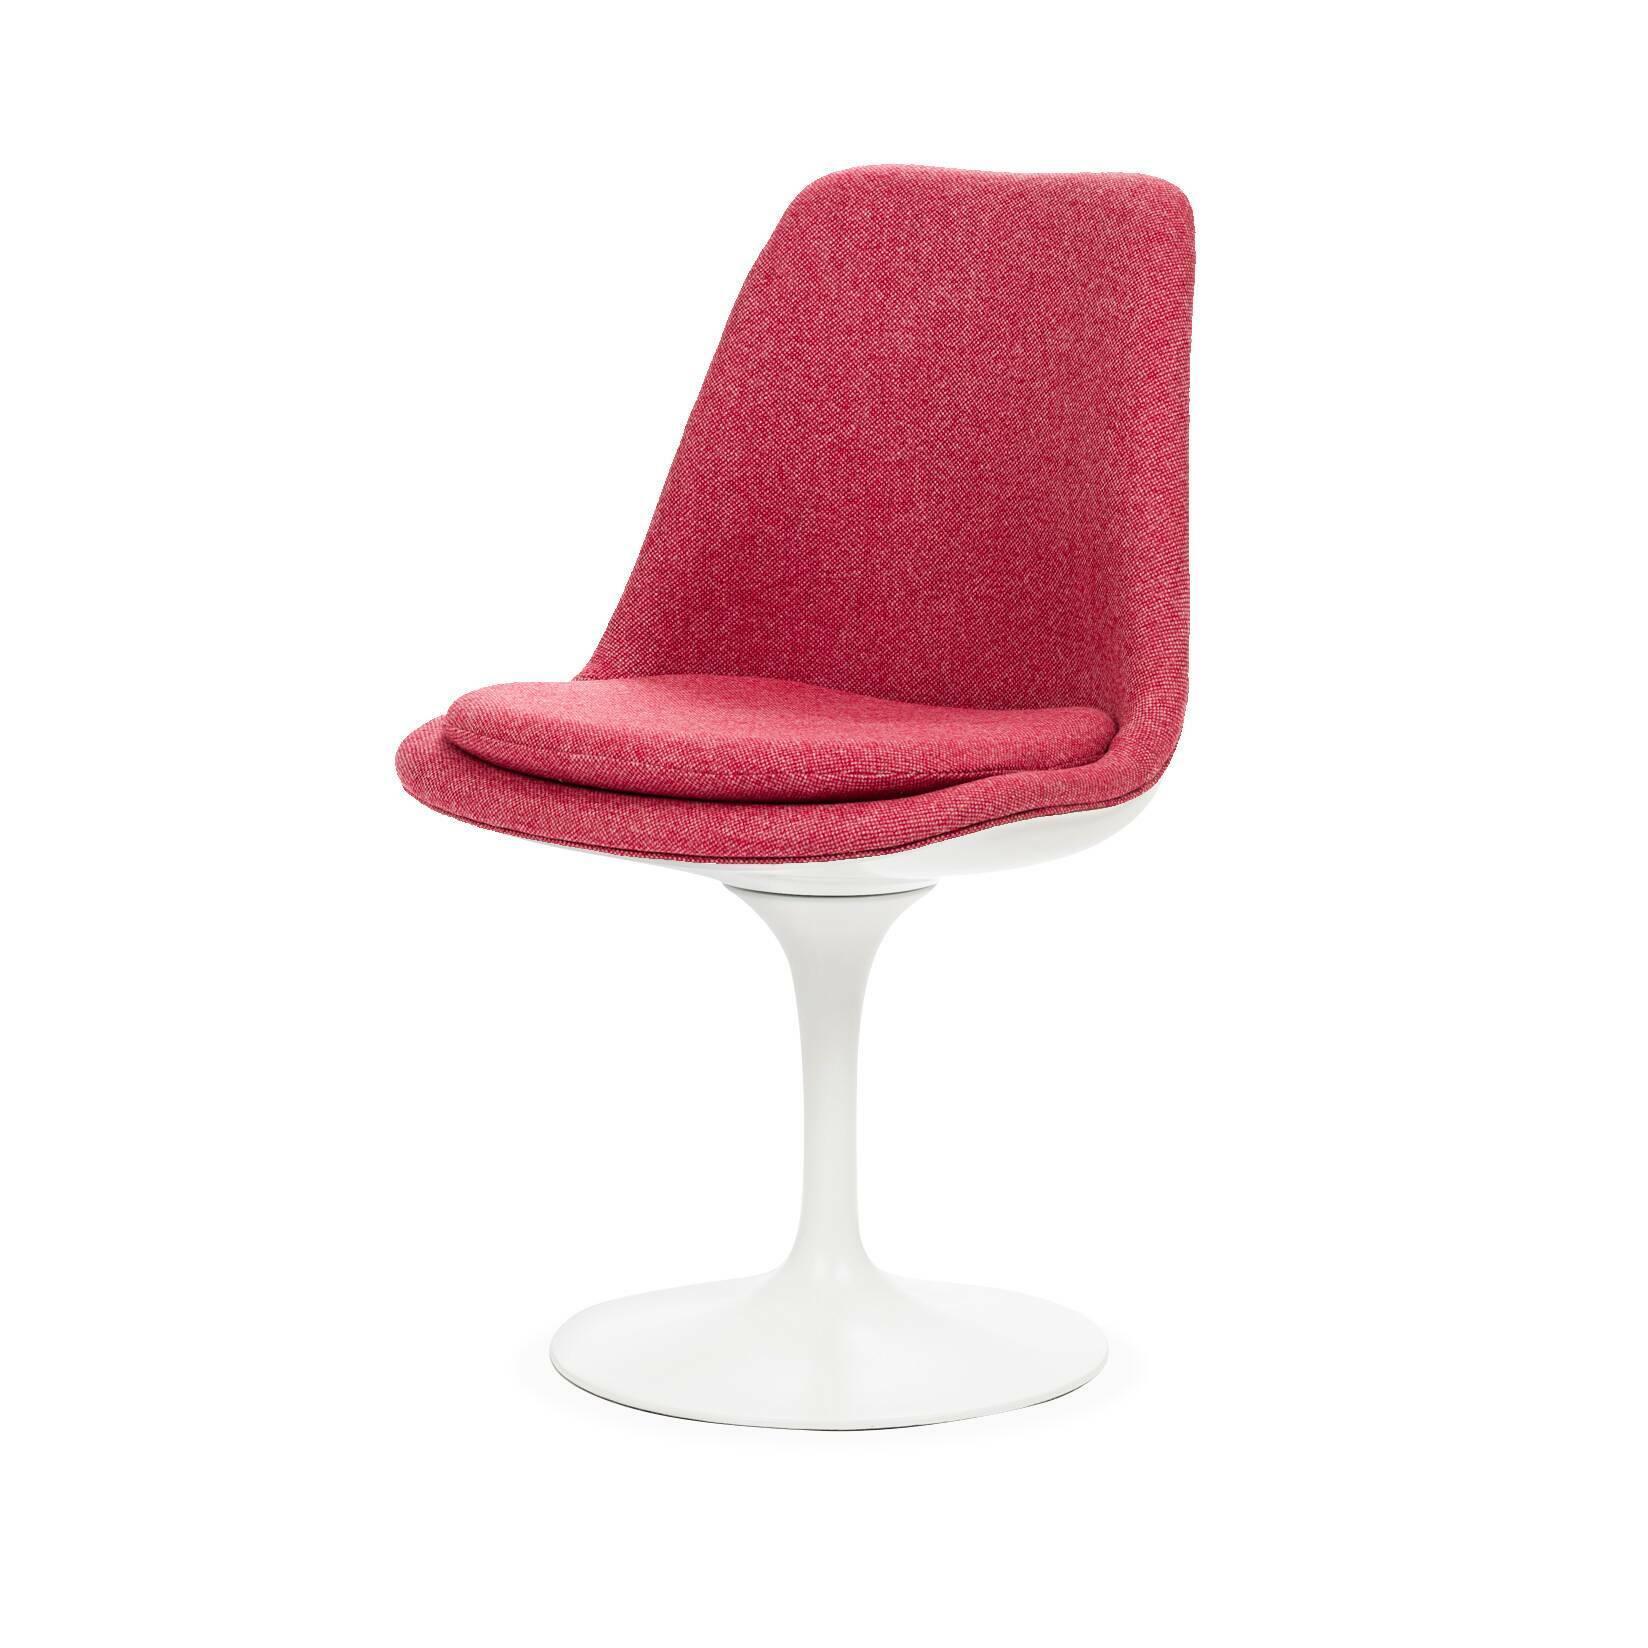 Стул Tulip с обитой спинкойИнтерьерные<br>Дизайнерский тканевый стул Tulip (Тьюлип) с обитой спинкой и с каркасом из стекловолокна от Cosmo (Космо).<br><br><br> Стул Tulip — это один из самых знаменитых предметов мебели, он был разработан в 1958 году Ээро Саариненом. Поистине футуристический дизайн и классика модерна. Первый в мире одноногий стул изменил будущее дизайна мебели. Формой стул напоминает бокал или, как видно из названия, — тюльпан. Уникальное основание постамента обеспечивает устойчивость и выглядит эстетически привлекательным...<br><br>stock: 0<br>Высота: 82,5<br>Высота сиденья: 47<br>Ширина: 50,5<br>Глубина: 54,5<br>Тип материала каркаса: Стекловолокно<br>Материал сидения: Шерсть, Нейлон<br>Цвет сидения: Розовый<br>Тип материала сидения: Ткань<br>Коллекция ткани: B Fabric<br>Цвет каркаса: Белый глянец